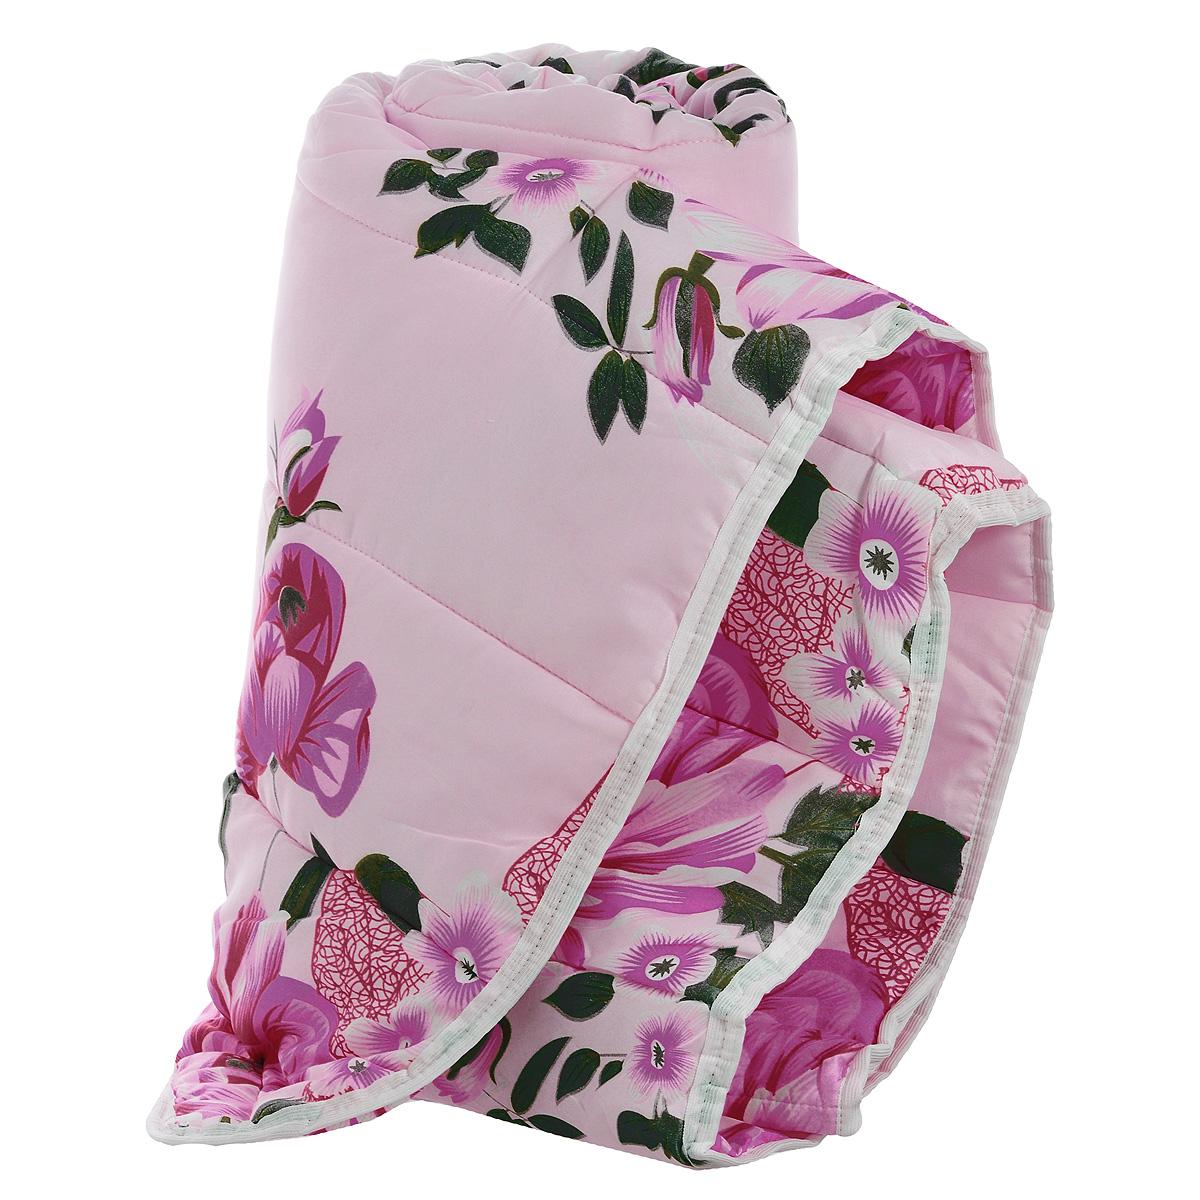 Одеяло всесезонное OL-Tex Miotex, наполнитель: полиэфирное волокно Holfiteks, цвет: розовый, красный, 172 х 205 смМХПЭ-18-3_розовыйВсесезонное одеяло OL-Tex Miotex создаст комфорт и уют во время сна. Стеганый чехол выполнен из полиэстера и оформлен красивым рисунком. Внутри - наполнитель из полиэфирного высокосиликонизированного волокна Holfiteks, упругий и качественный. Холфитекс - современный экологически чистый синтетический материал, изготовленный по новейшим технологиям. Его уникальность заключается в расположении волокон, которые позволяют моментально восстанавливать форму и сохранять ее долгое время. Изделия с использованием Холфитекса очень удобны в эксплуатации - их можно часто стирать без потери потребительских свойств, они быстро высыхают, не впитывают запахов и совершенно гиппоаллергенны. Холфитекс также обеспечивает хорошую терморегуляцию, поэтому изделия с наполнителем из холфитекса очень комфортны в использовании. Одеяло с наполнителем Холфитекс порадует вас в любое время года. Оно комфортно согревает и создает отличный микроклимат. За одеялом легко ухаживать, можно стирать в...